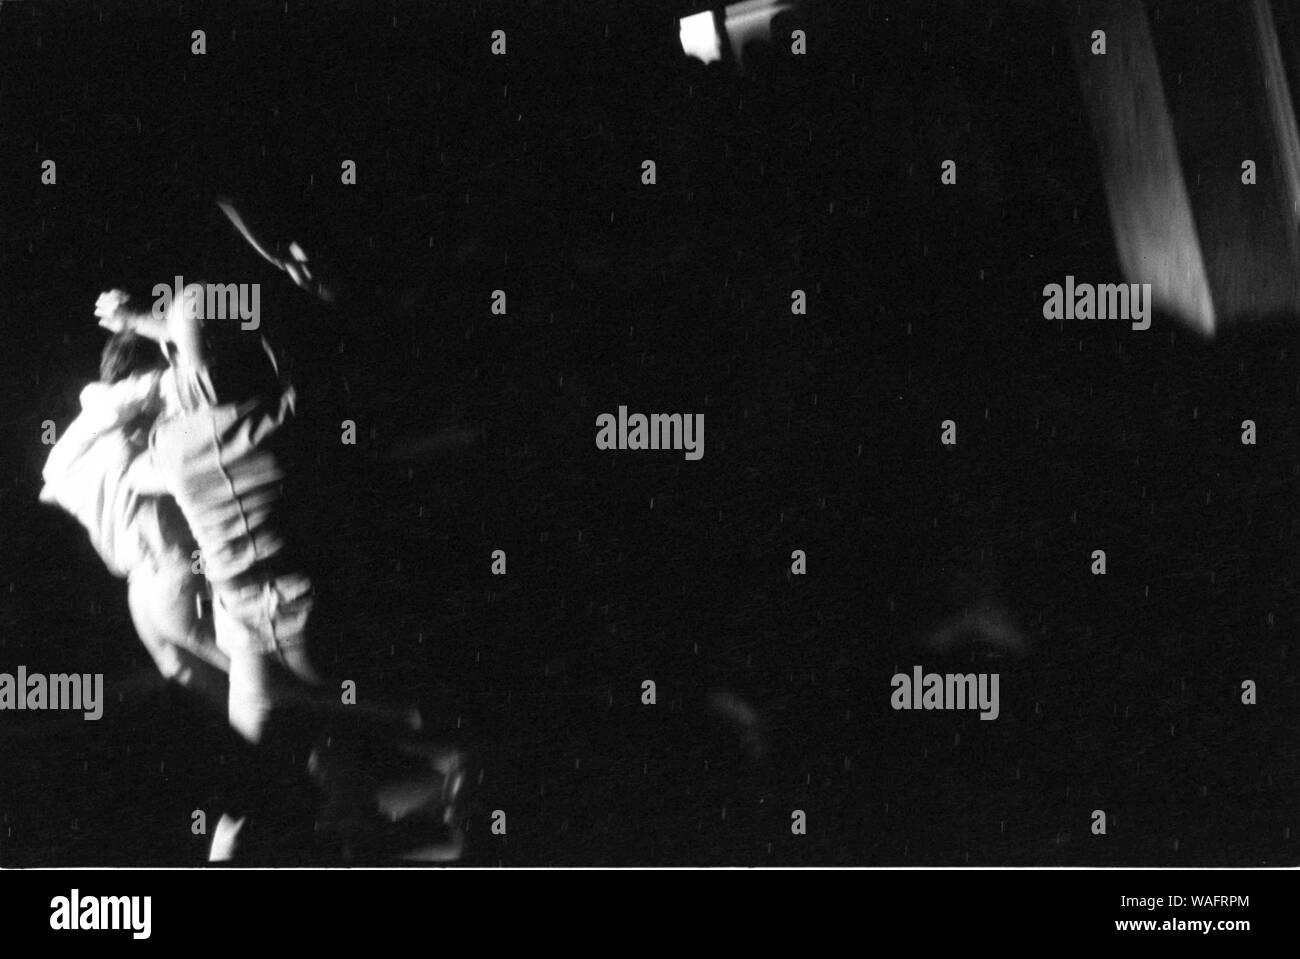 Krakau, 18.05.1989. Studentendemonstration auf Dominikanska Straße. KPN, NZS, WiP, Kampf gegen die militärischen und ZOMO Einheiten. Ein zomo Agent schlägt ein Student. Bav. Andrzej Stawiarski/FORUM Stockfoto